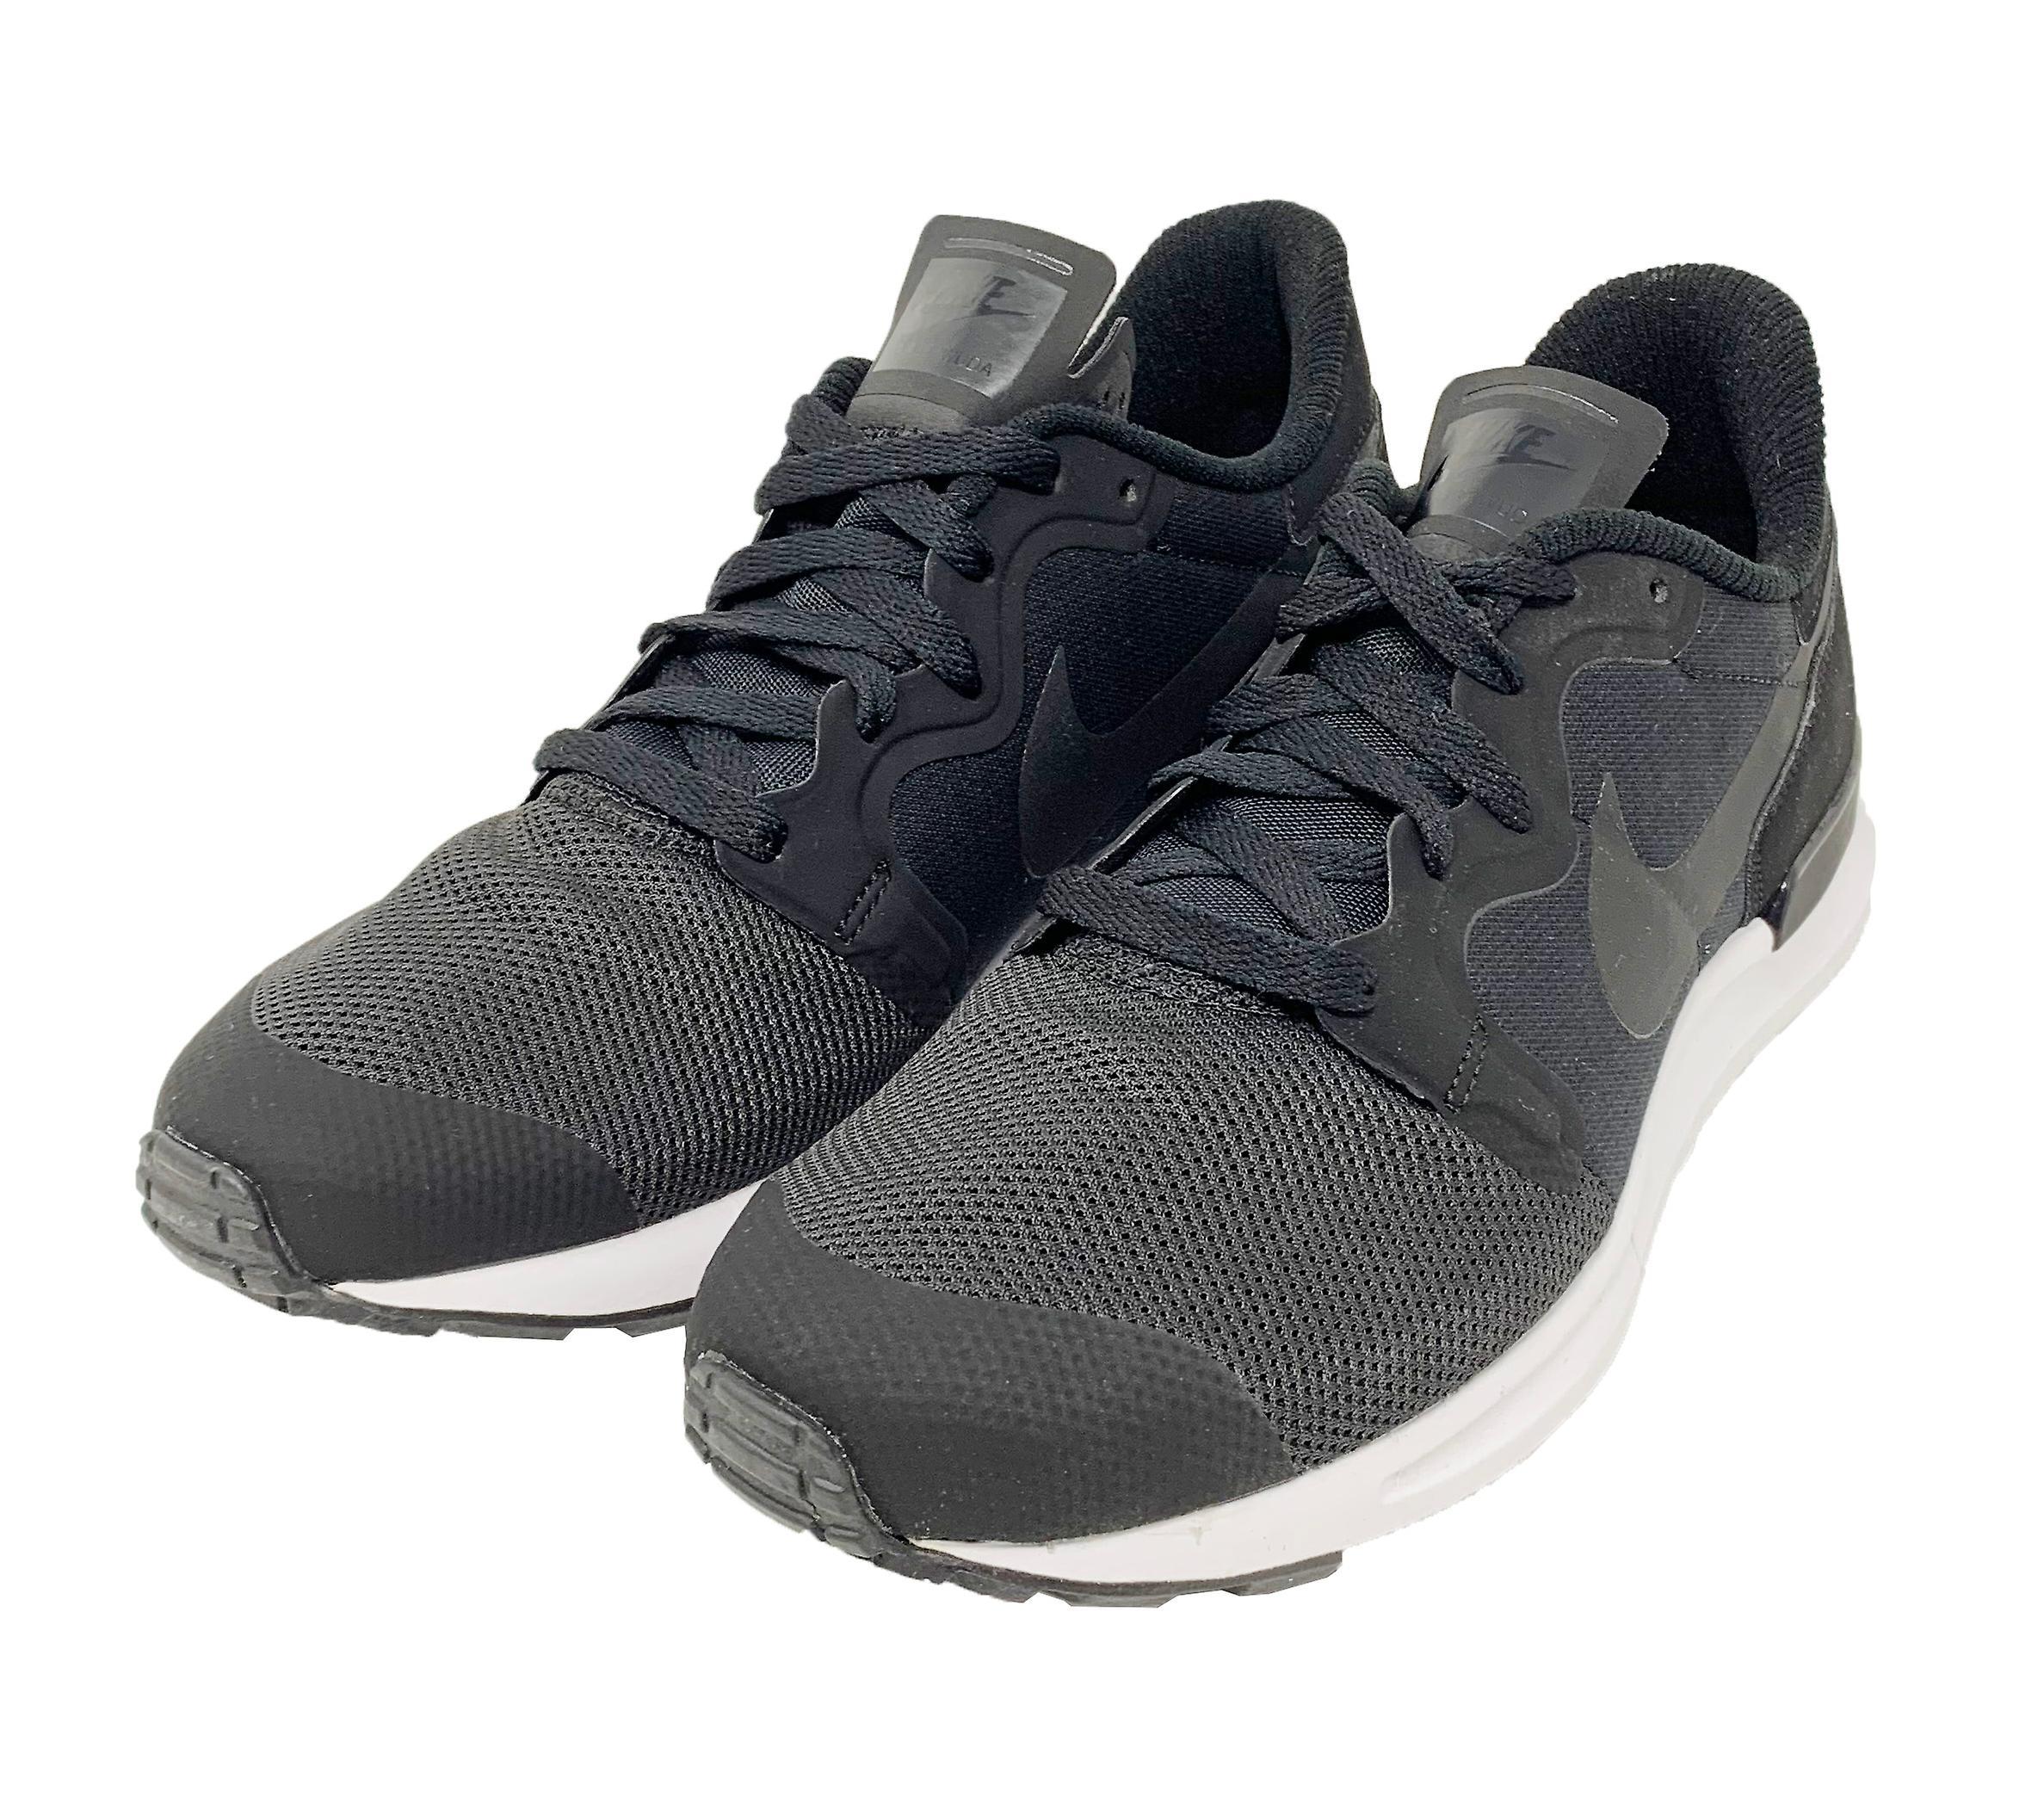 Nike Air Berwuda 555305 004 Mens utbildare